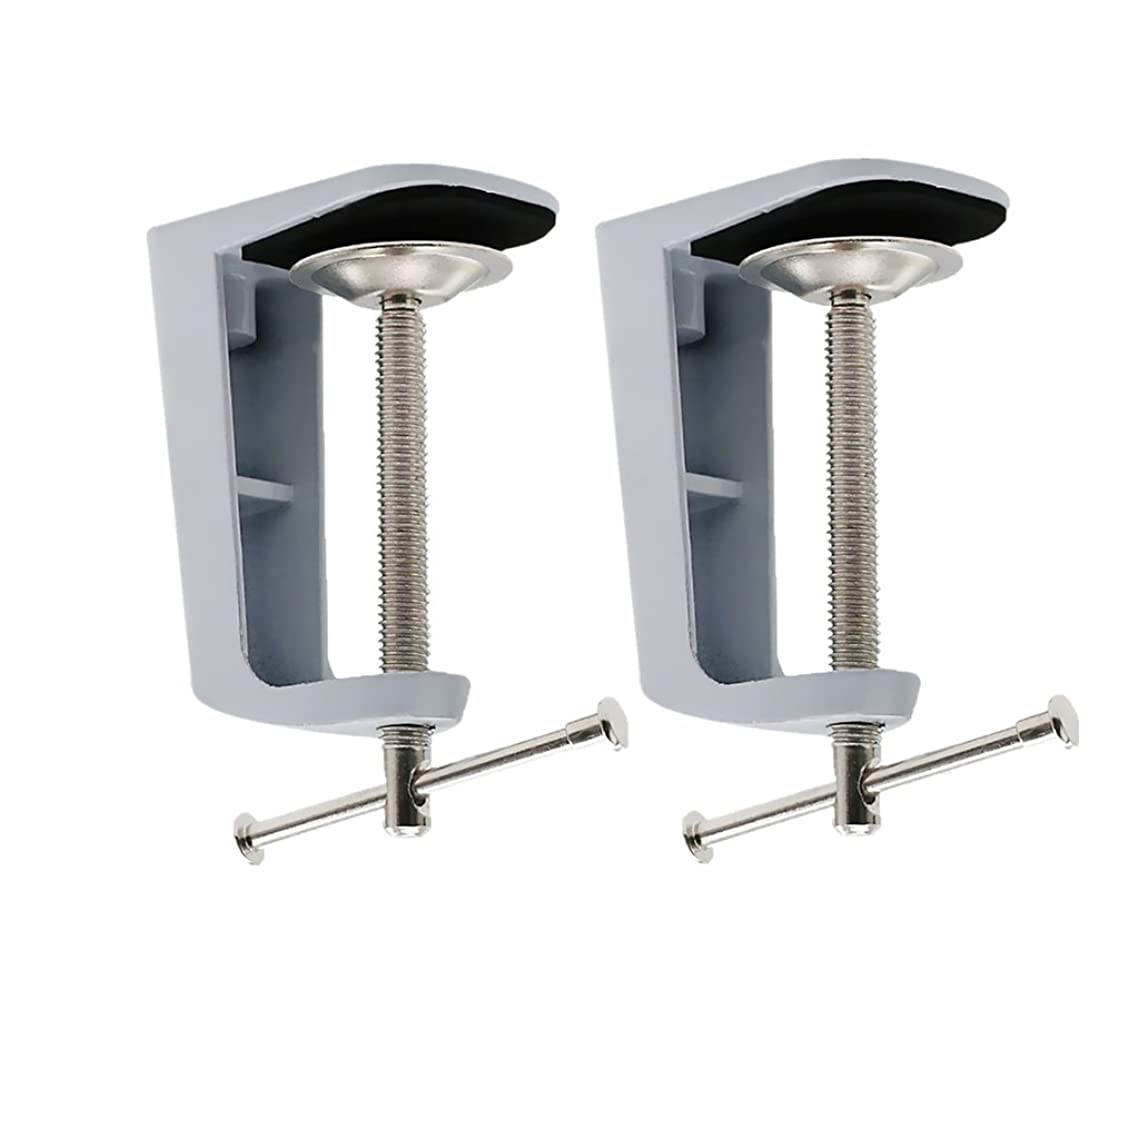 項目ボルトささいなメタル クランプ 調節可能 アーム式 机 テーブル クリップ 2個入り